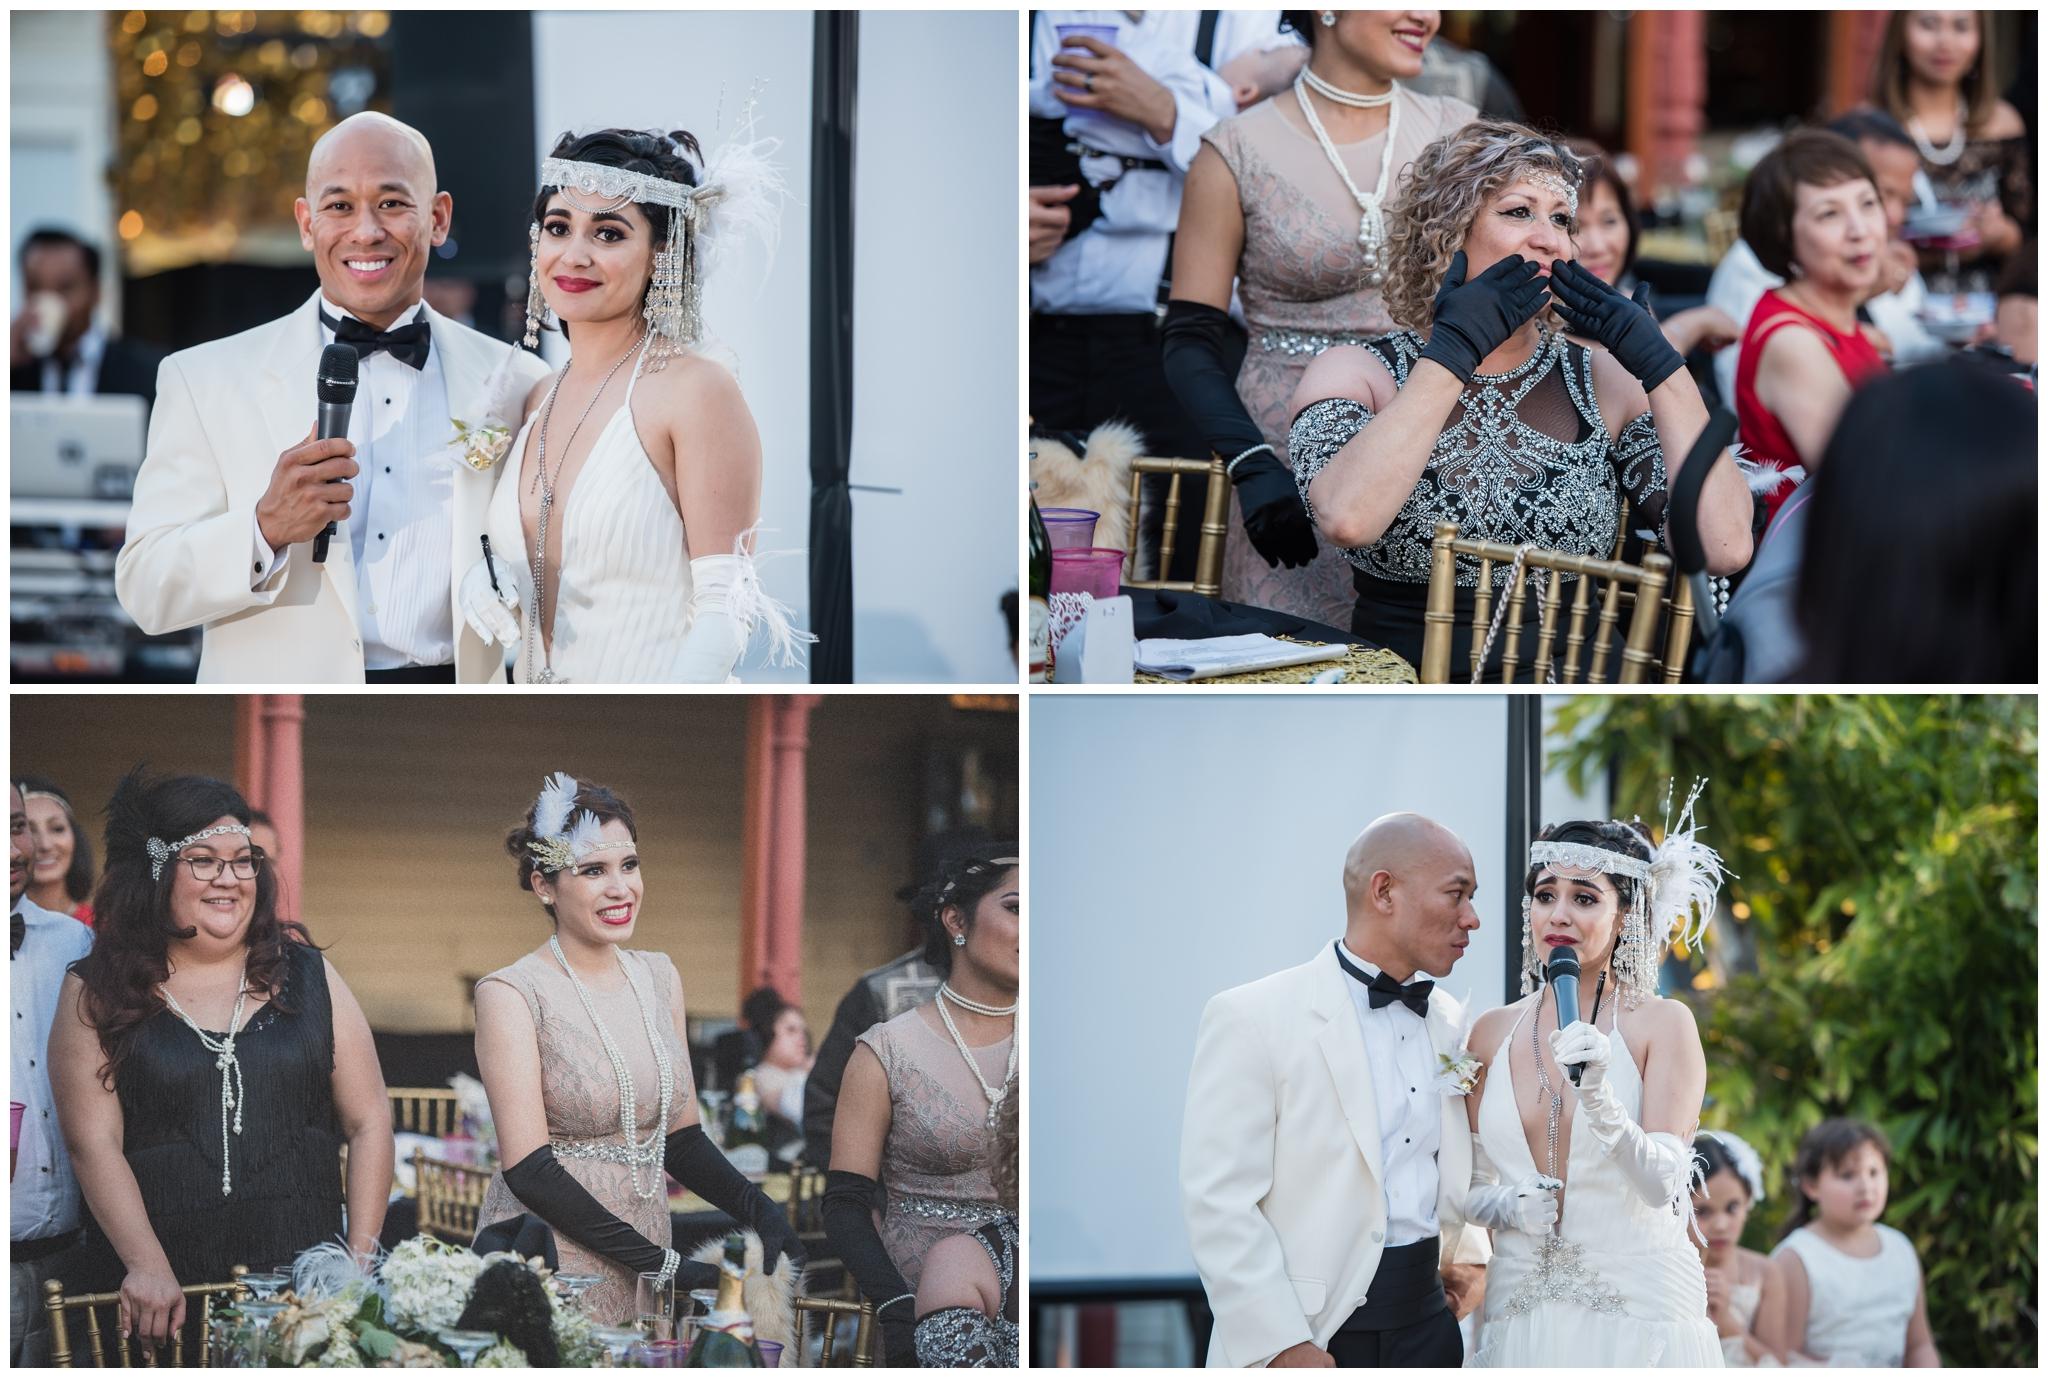 lunabellaphotos-wedding details-speeches